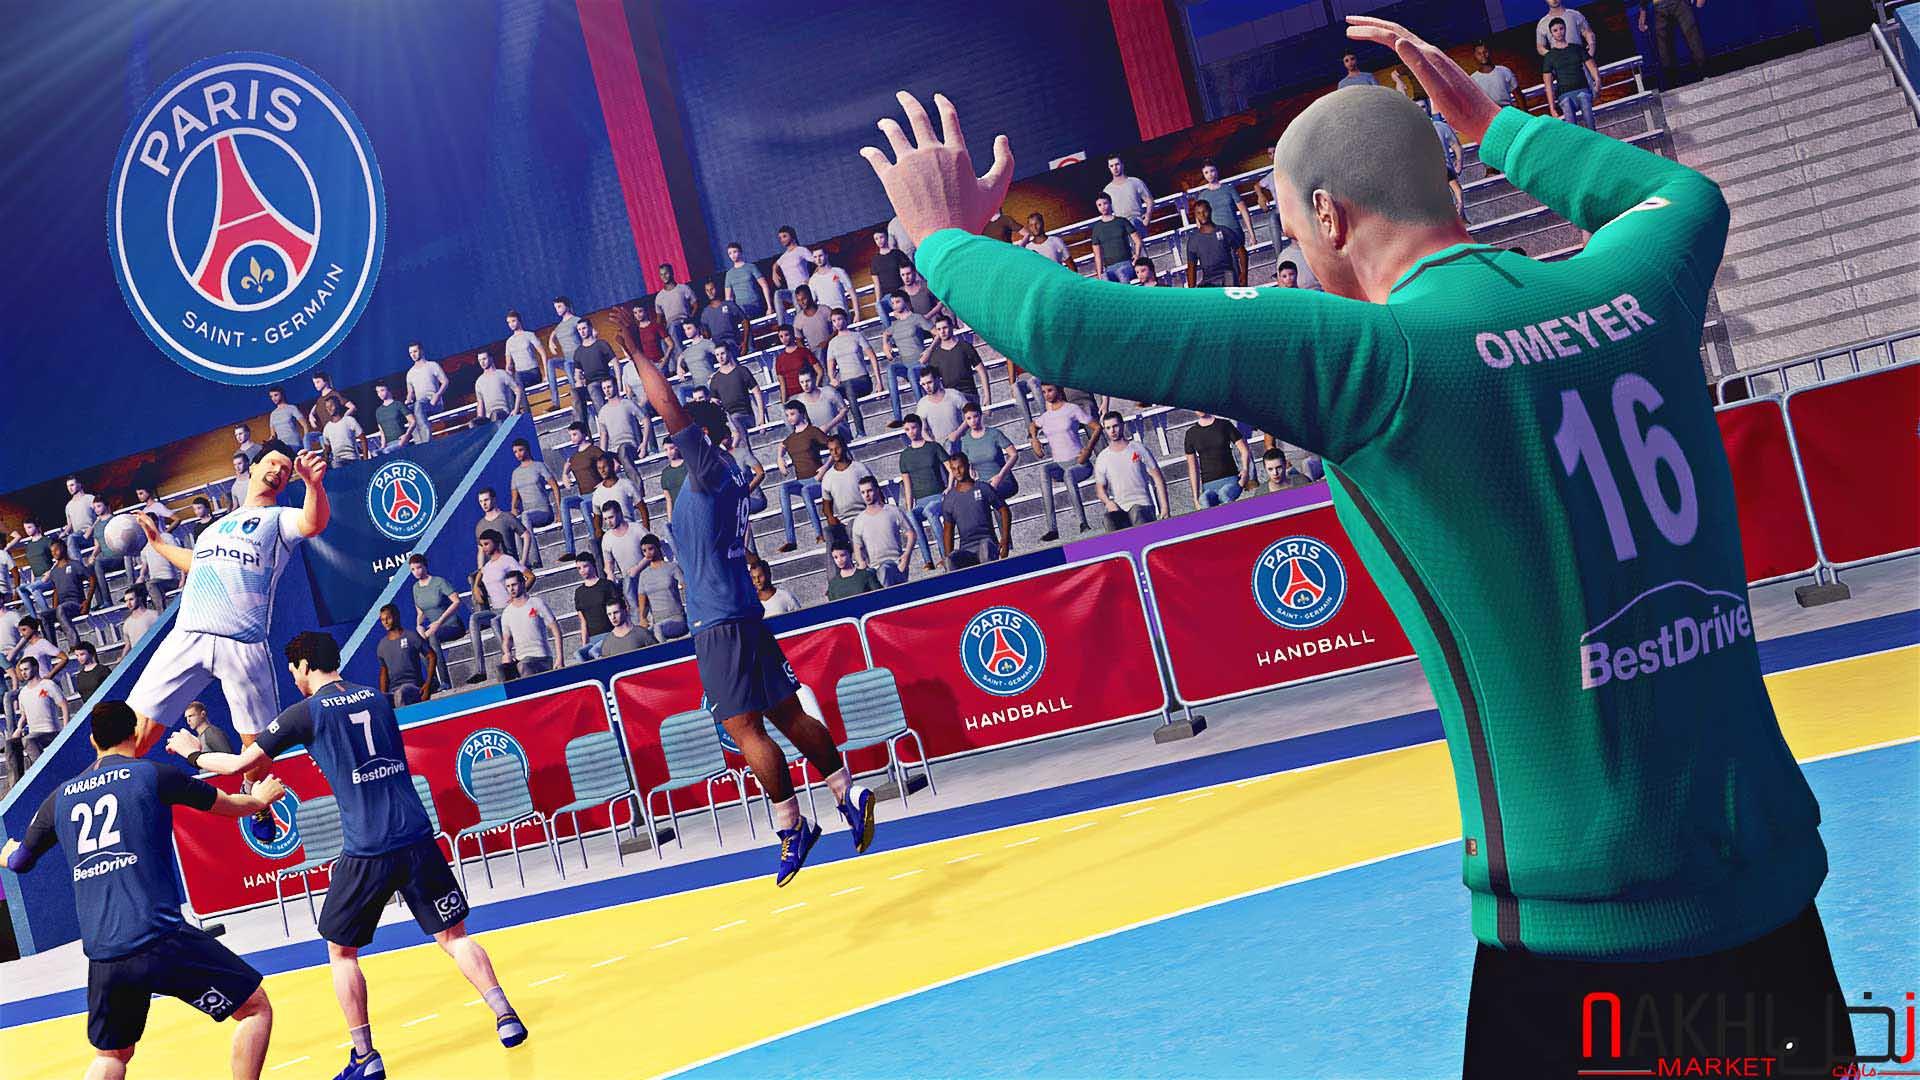 خرید بازی Handball 17 ps4